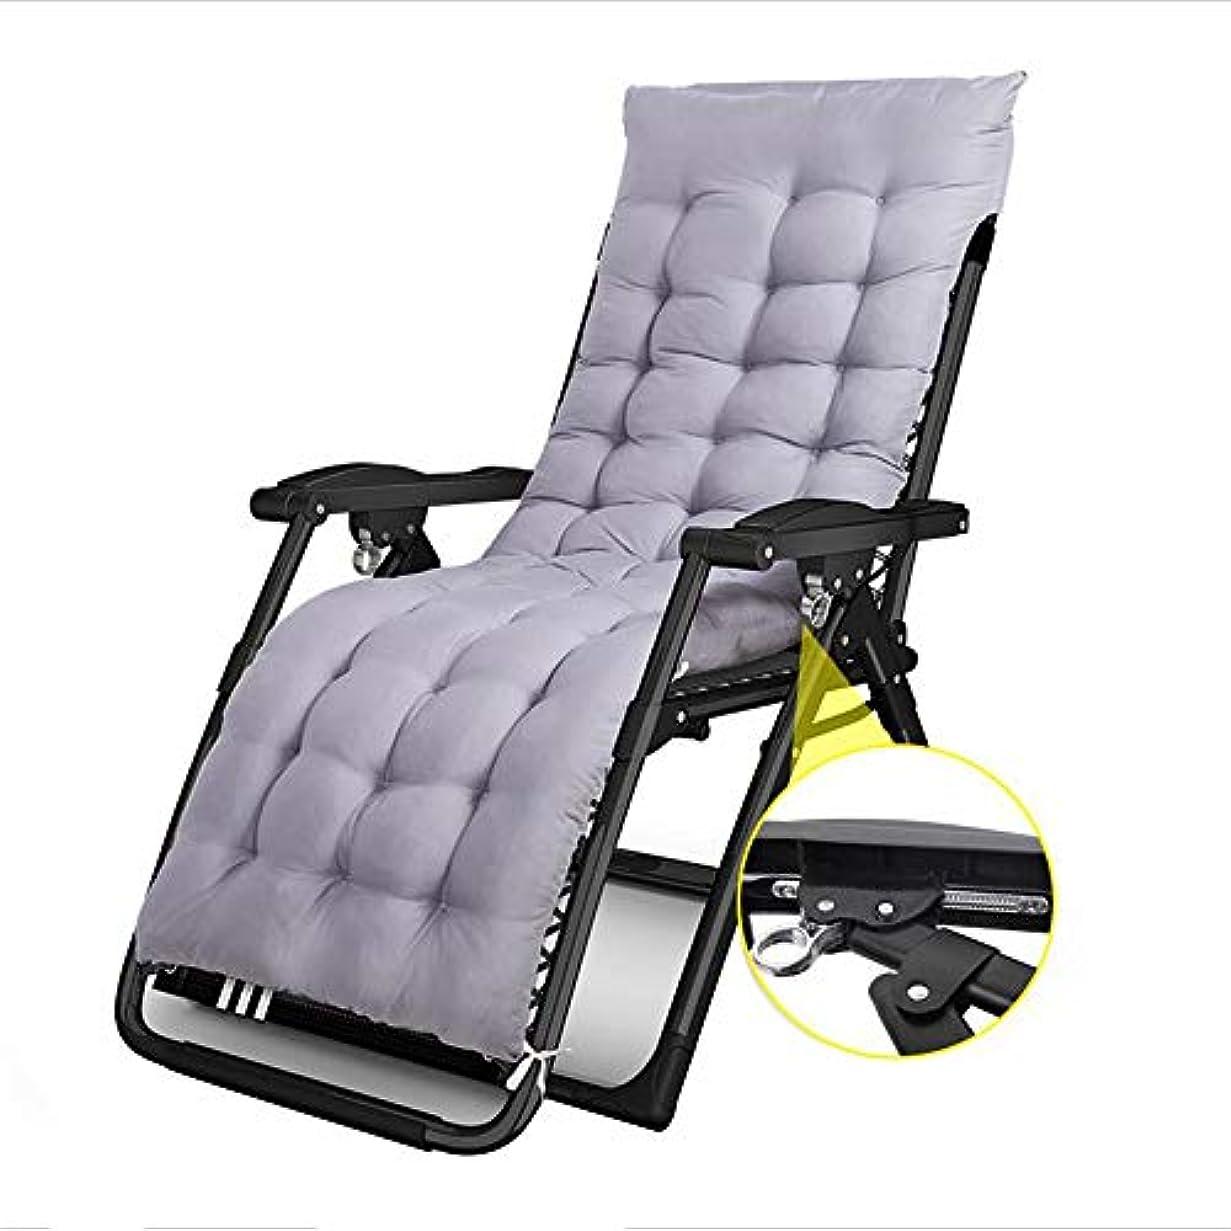 規範方向神経障害Tiao ZHAN ランチブレーキ 折りたたみ椅子/スリーピングチェア/ロッキングチェア/レジャー/大人用レジャーチェア/高齢者用椅子 AA